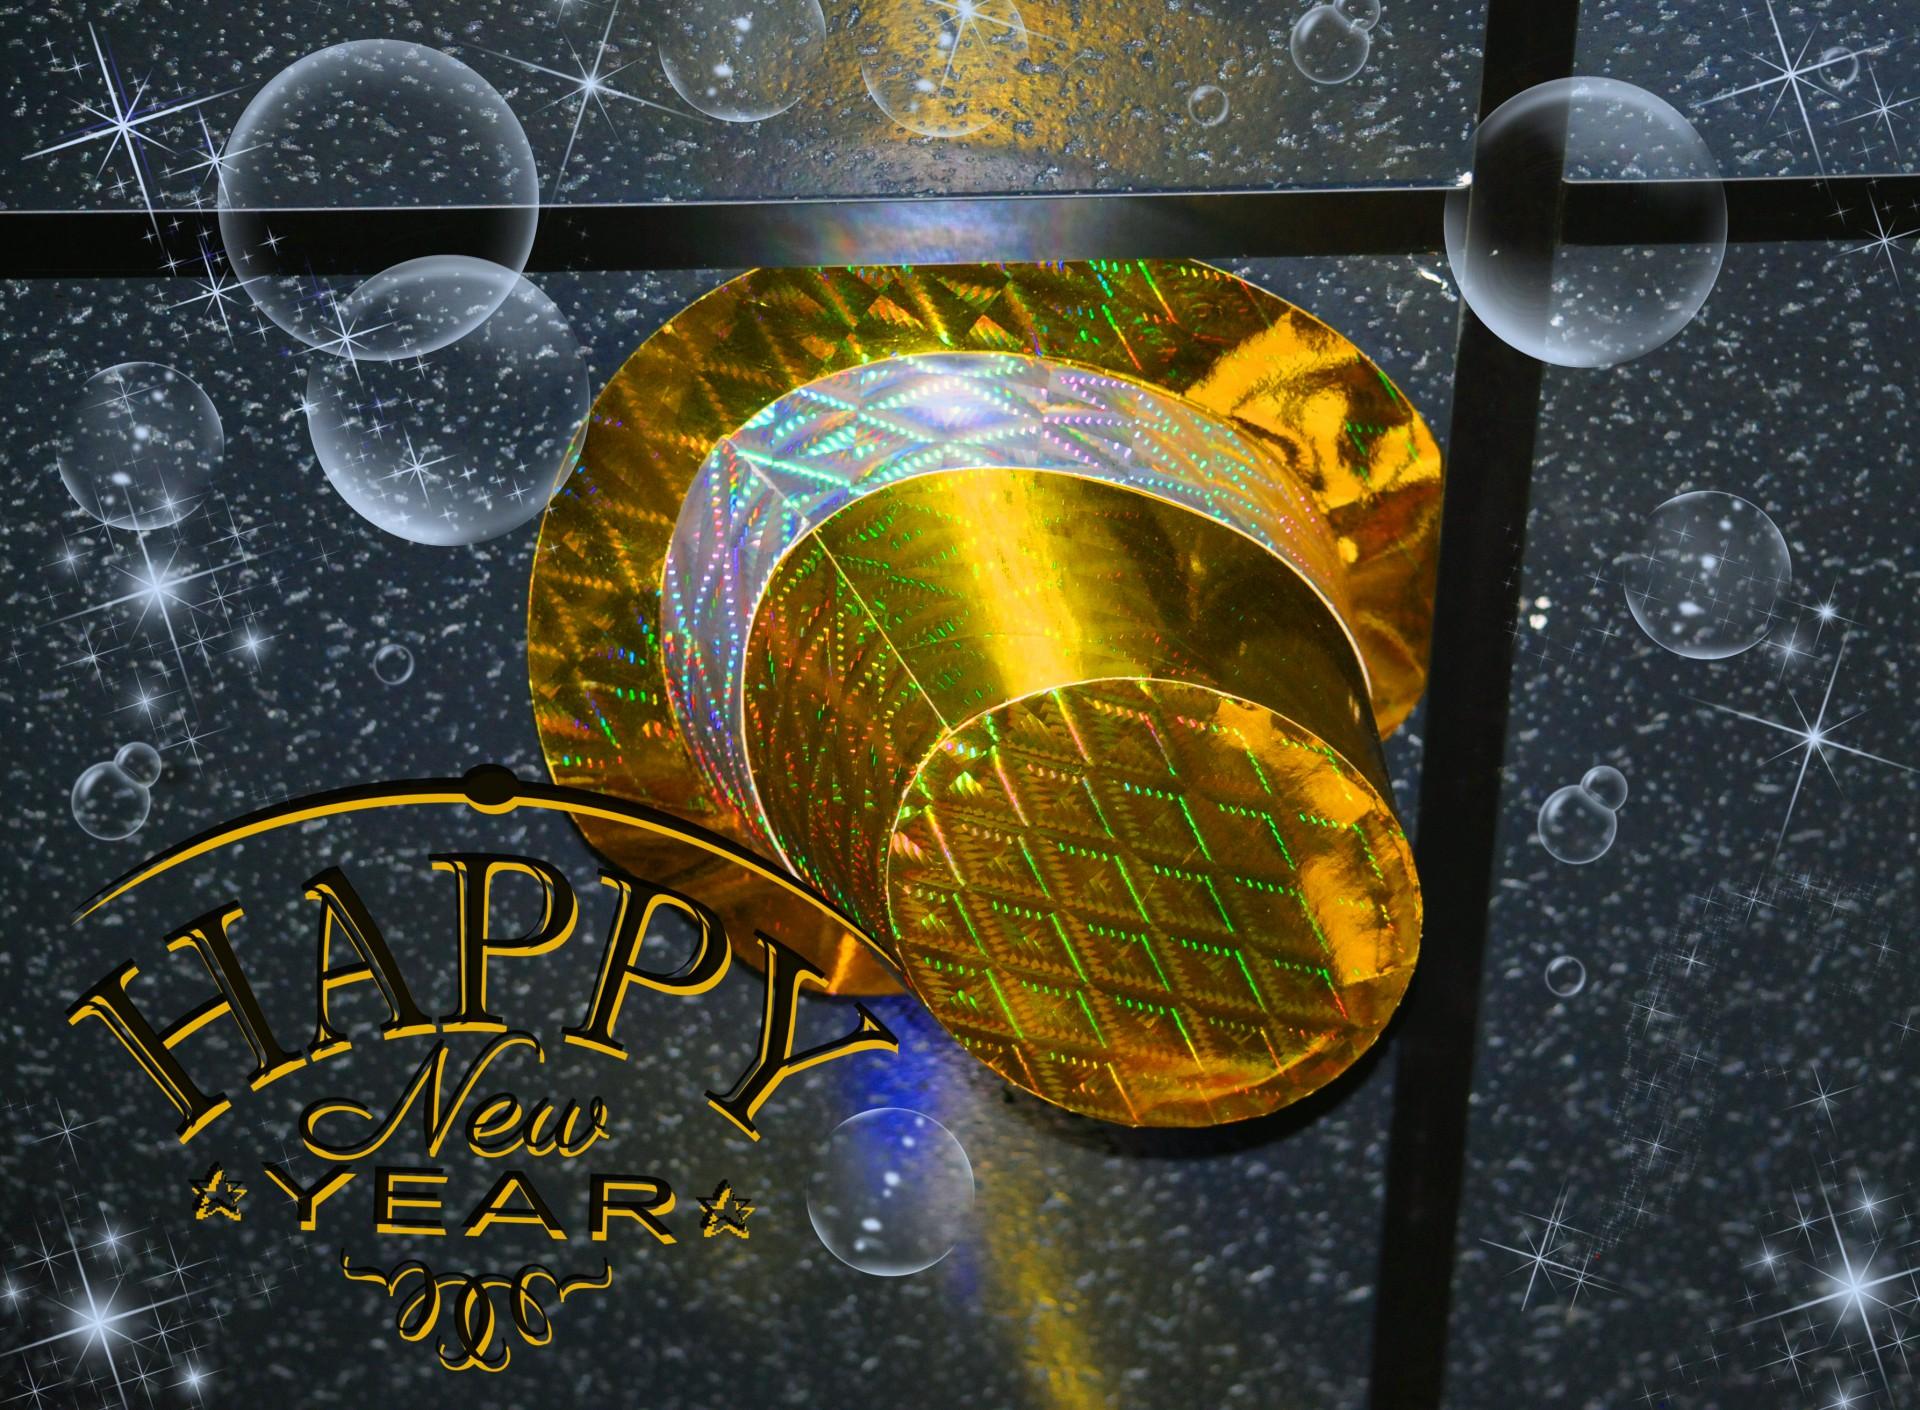 New Year's Countdown, New Years, 2018